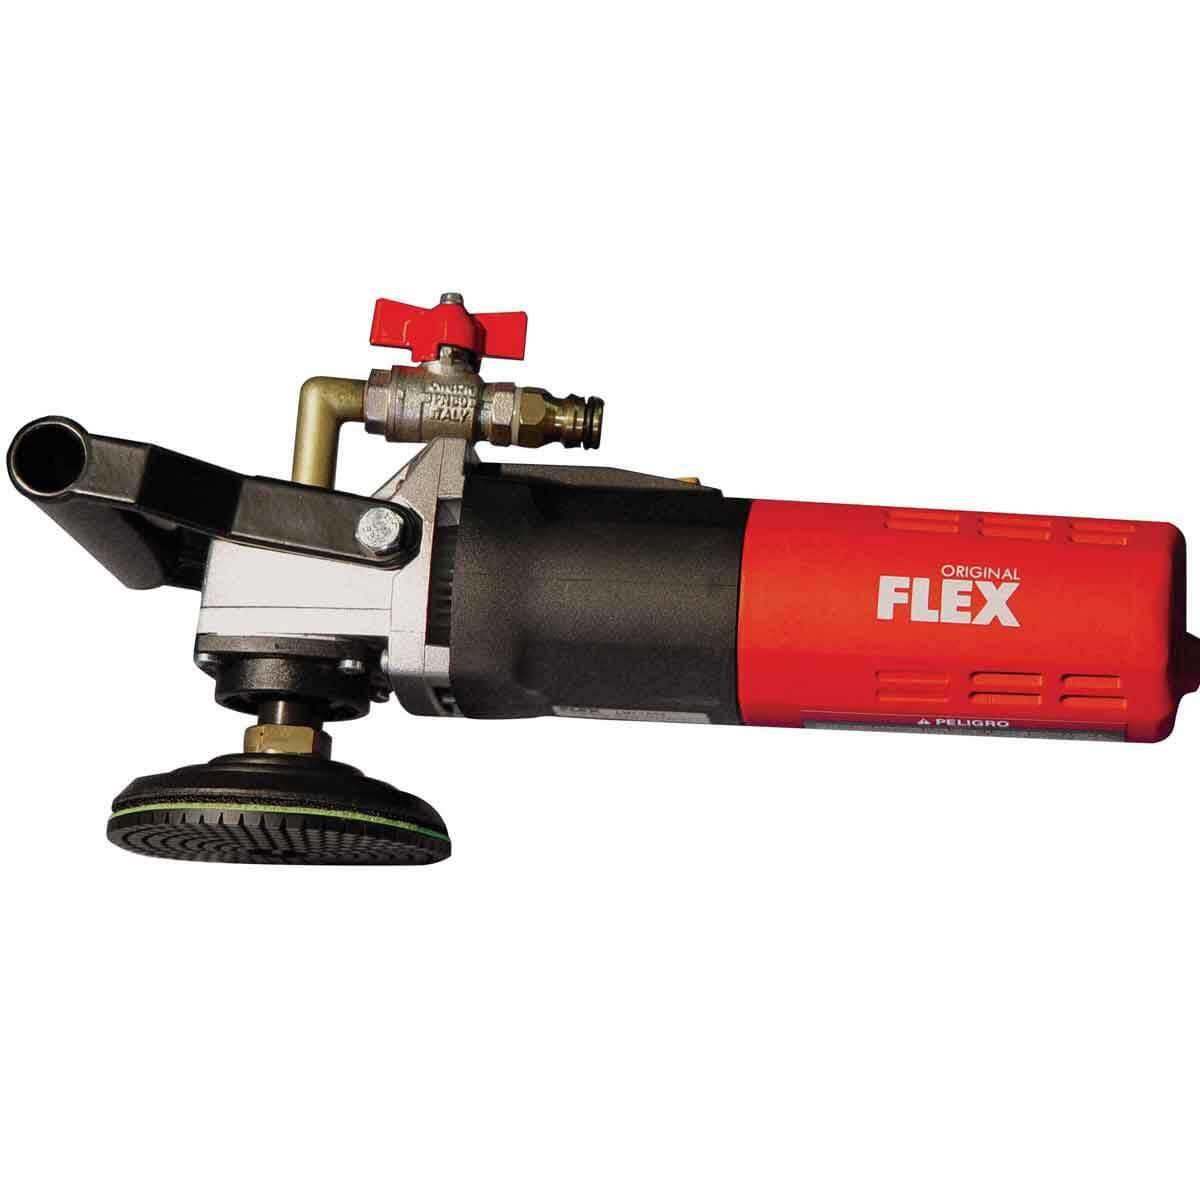 Flex LW1503 Wet Stone Polisher